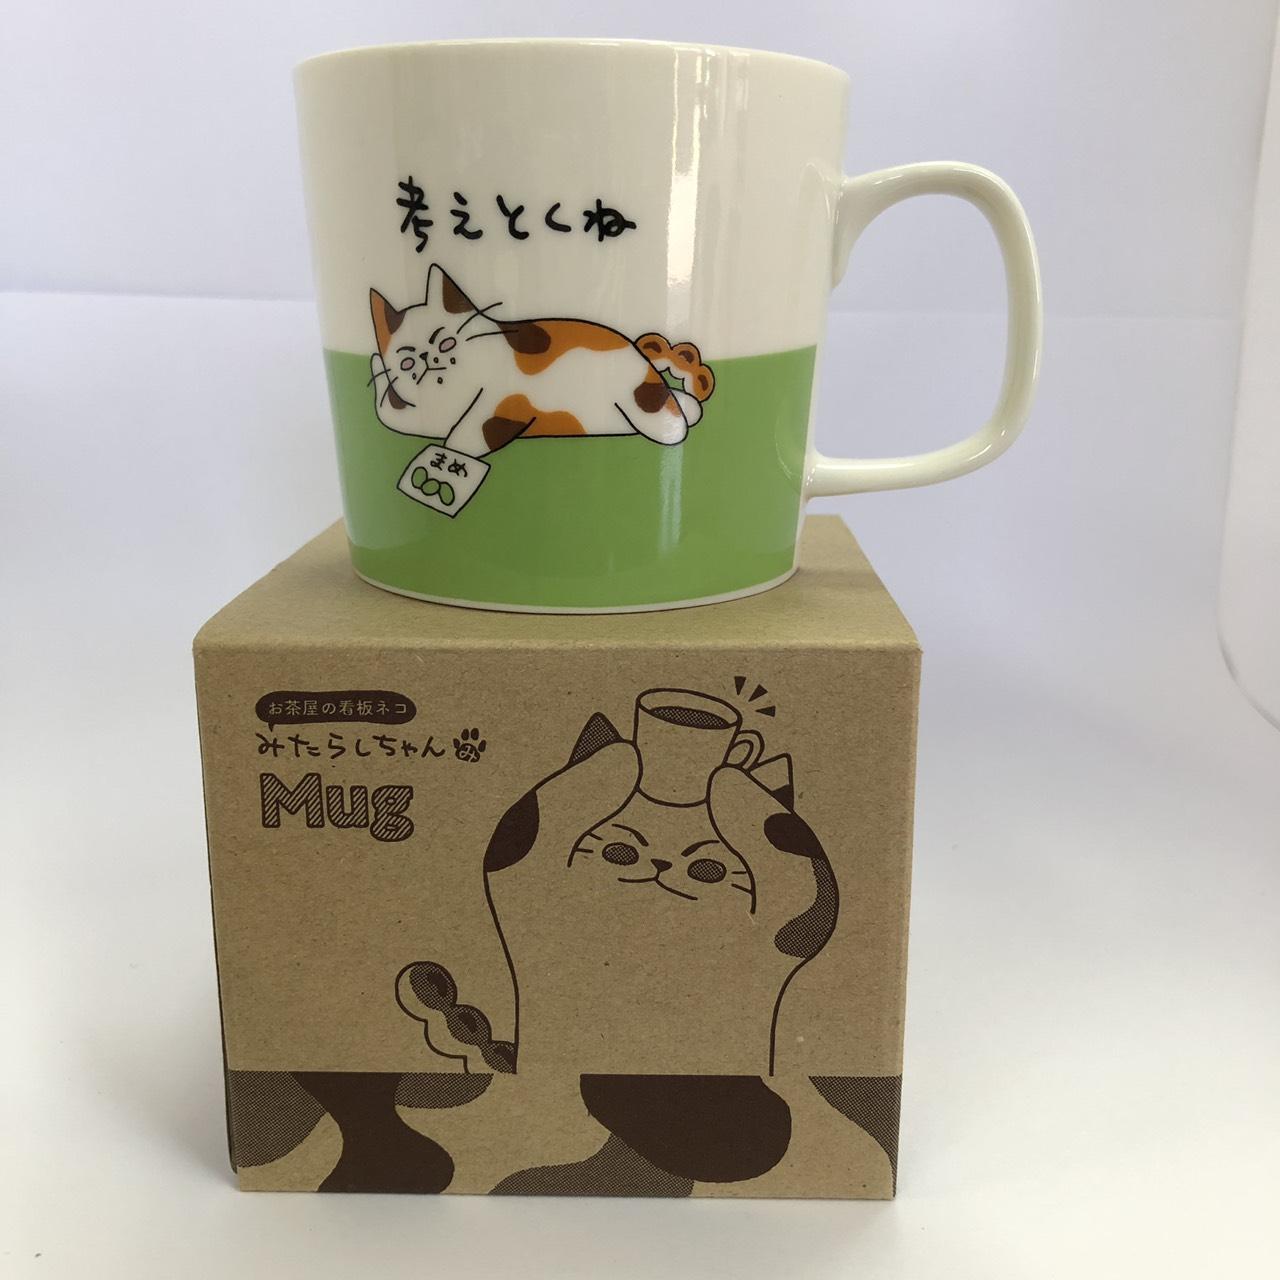 マグカップ(考えとくね) 1,000円(税抜価格)